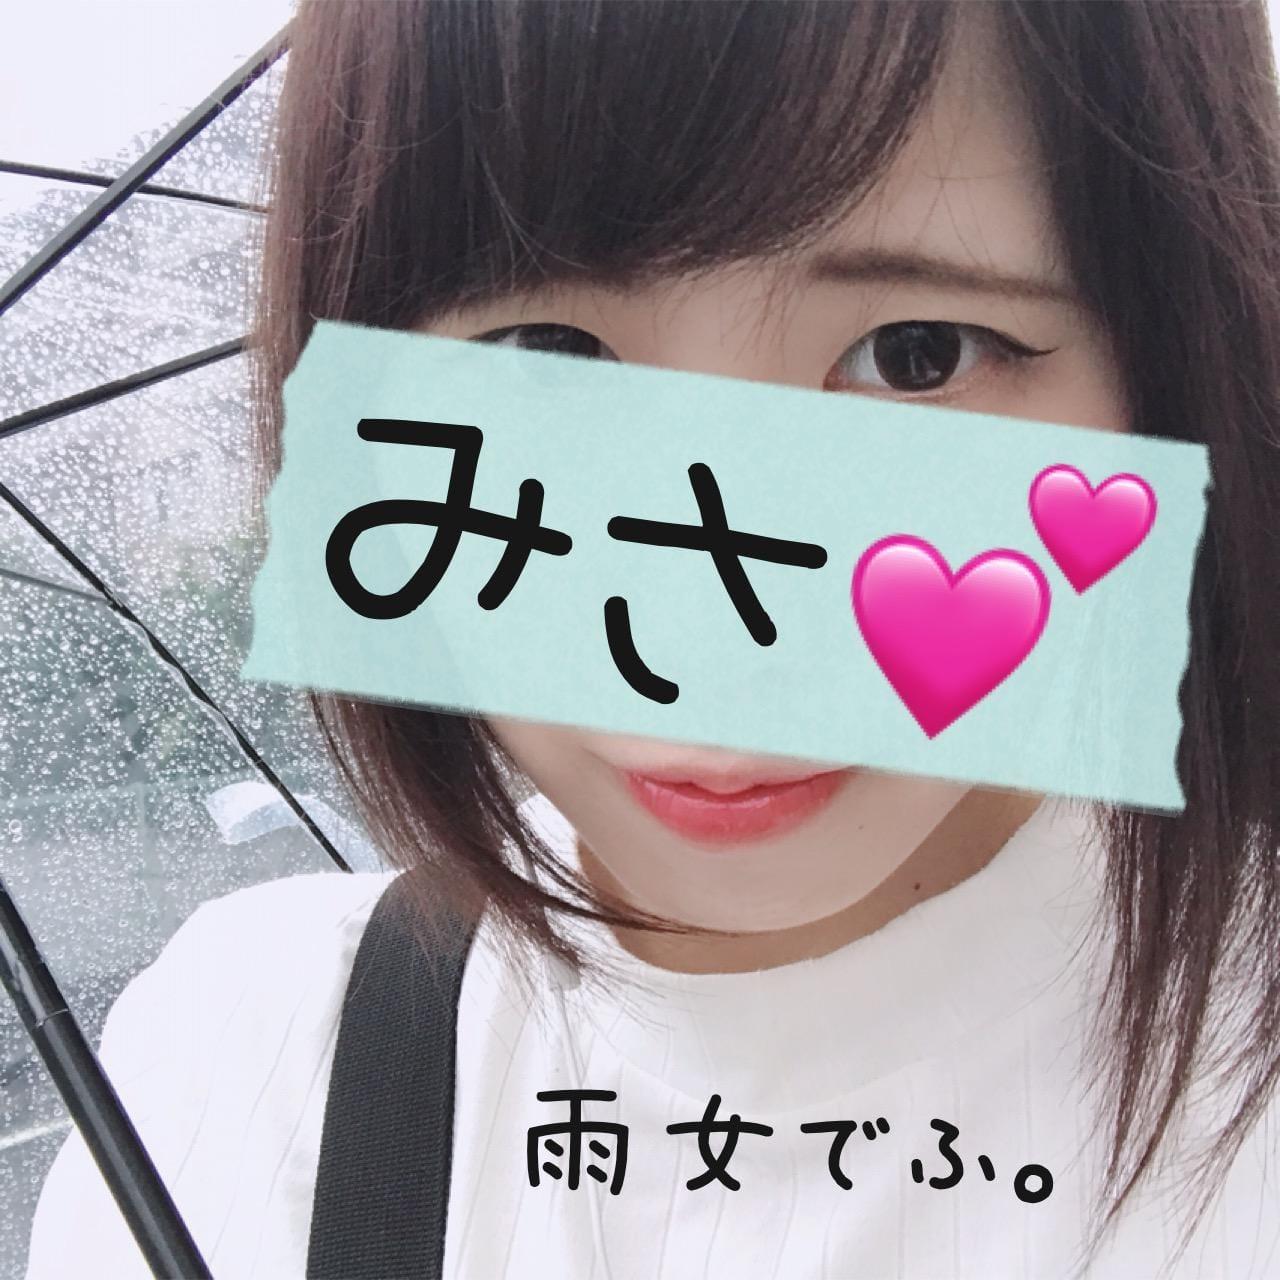 「痴漢の秋ですね」09/18(水) 09:55 | みさの写メ・風俗動画